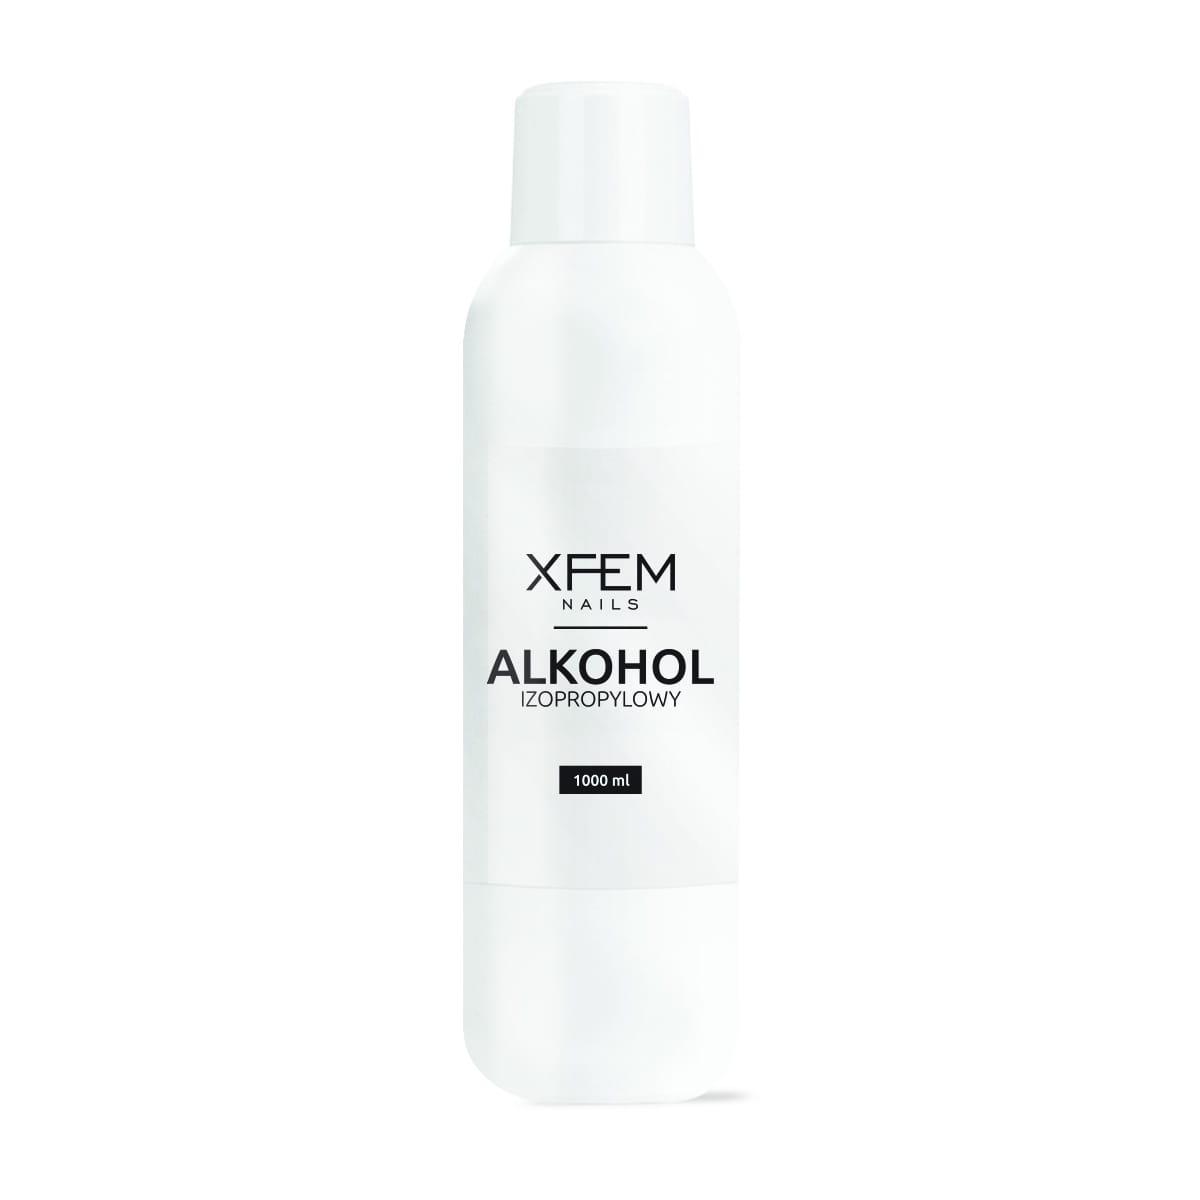 XFEM Alkohol izopropylowy 99% 1000 ml